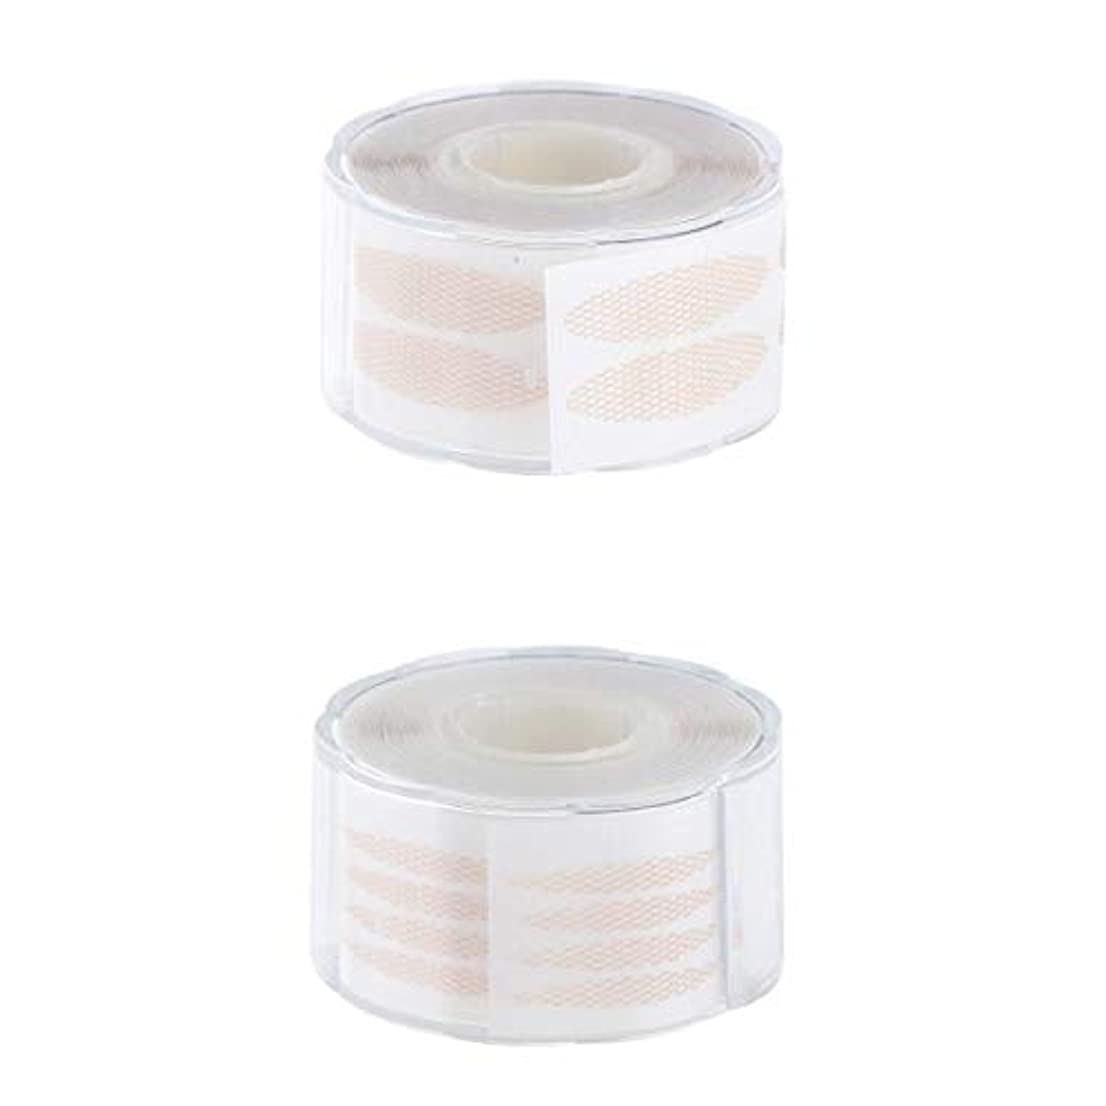 直径表面黄ばむT TOOYFUL 2組 440組 見えない 繊維のストリップ 二重まぶた テープ 2つの様式